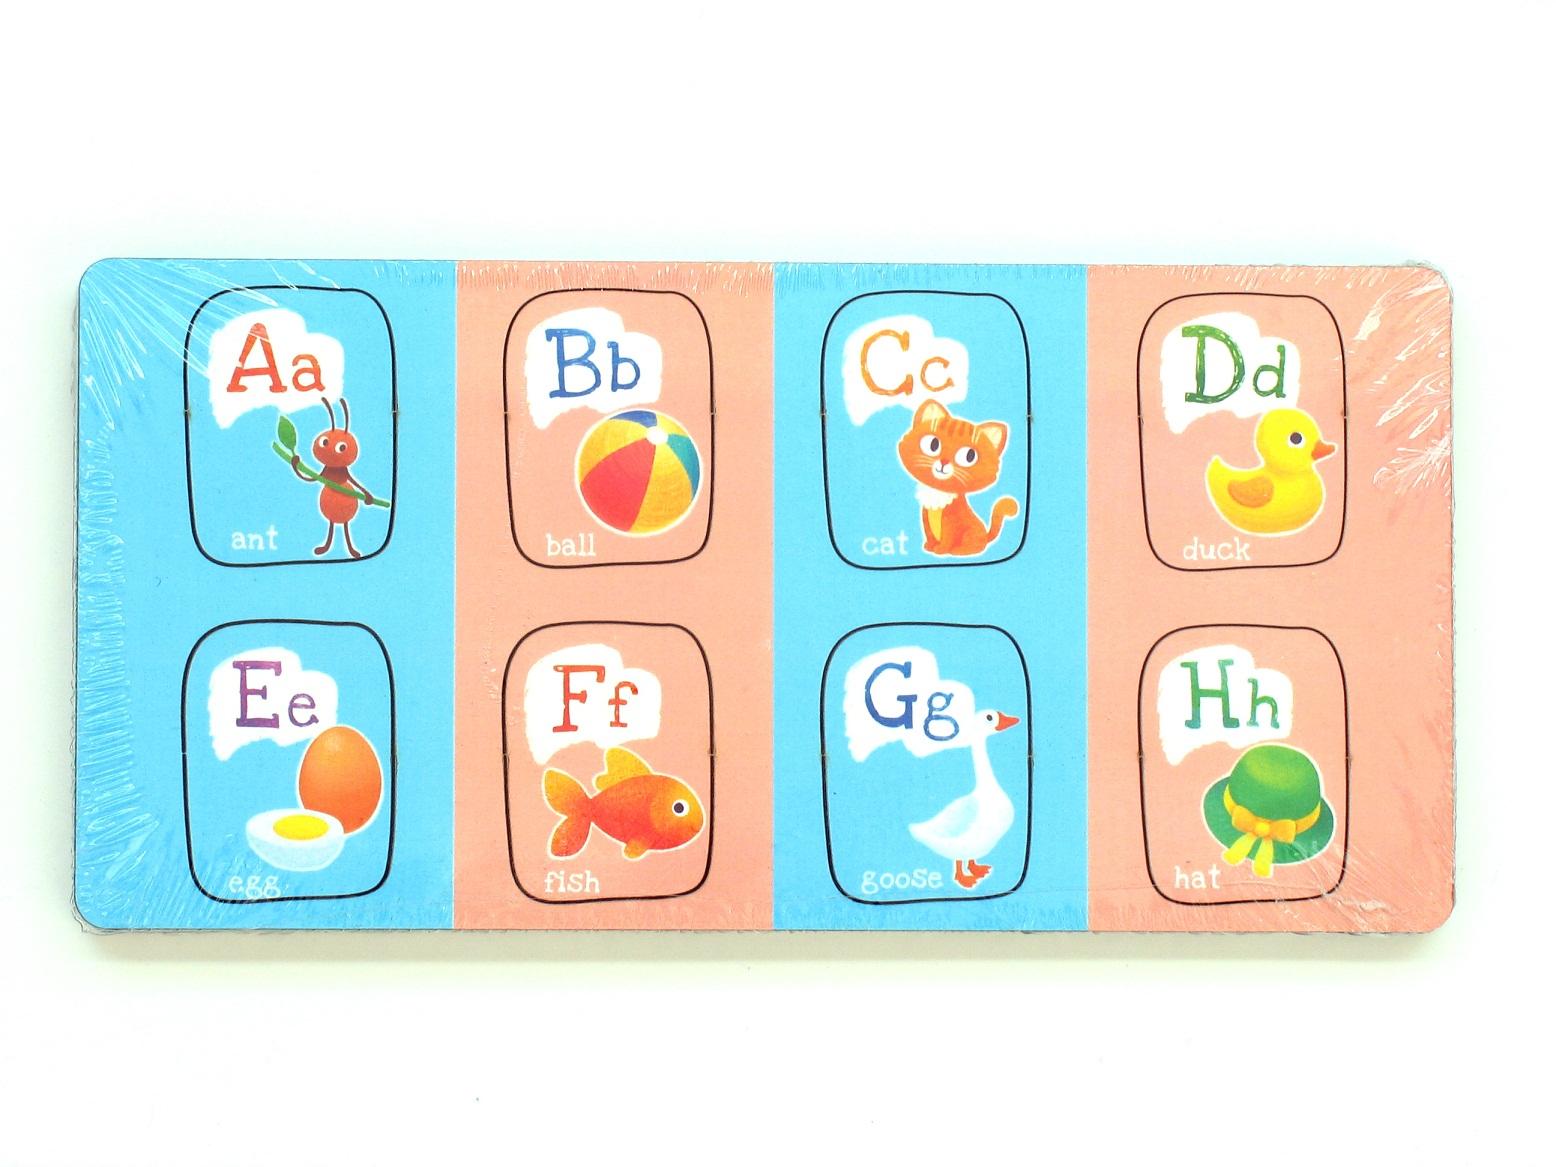 Вкладыши - Алфавит английский с картинками от Paremo ...